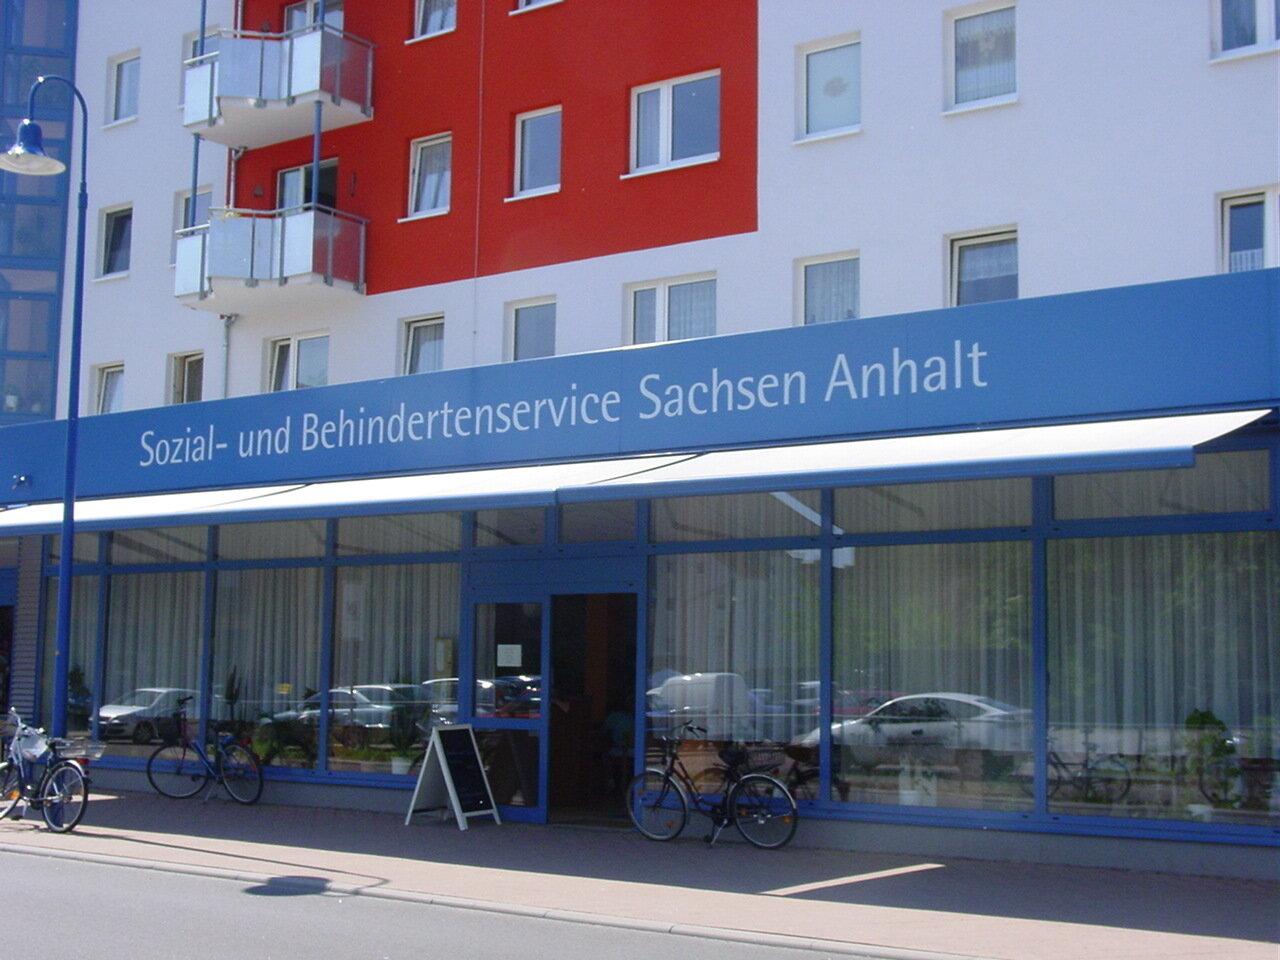 Foto: Sozial- und Behindertenservice Sachsen-Anhalt gGmbH